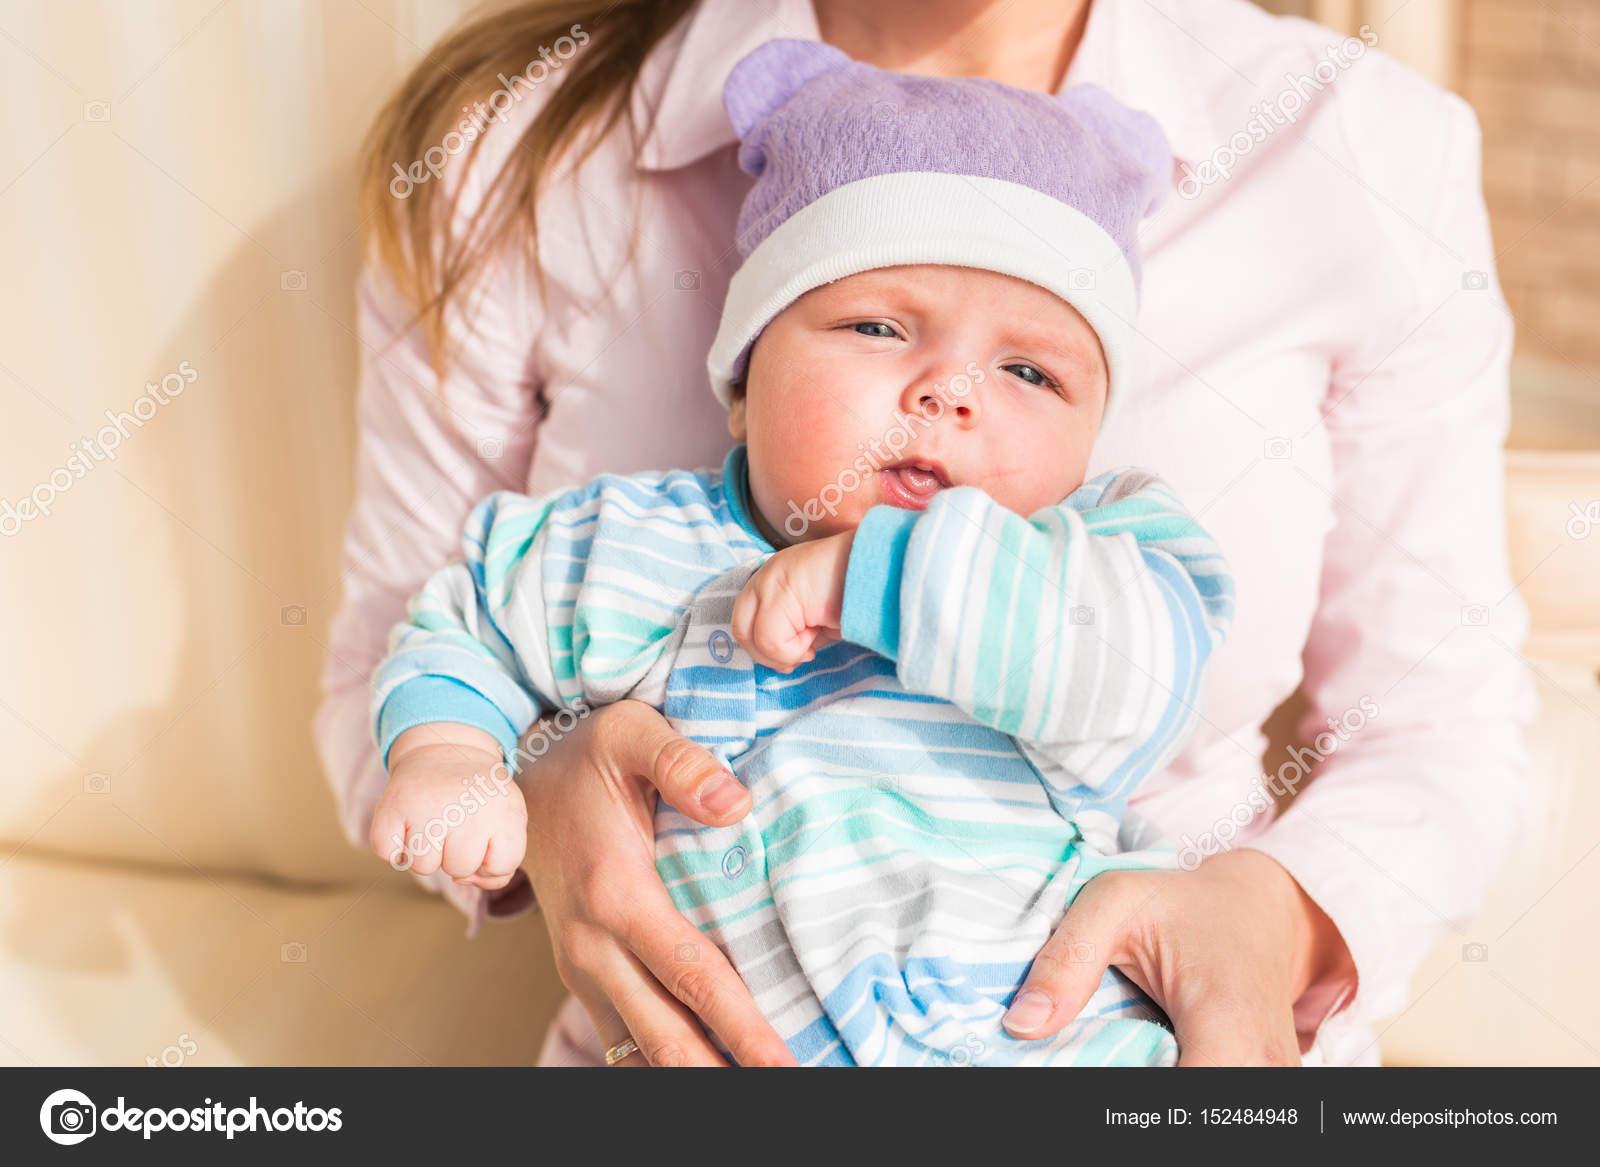 かわいい男の子、かわいい子、青い目、児童の健全な完璧な白人幼児、素敵